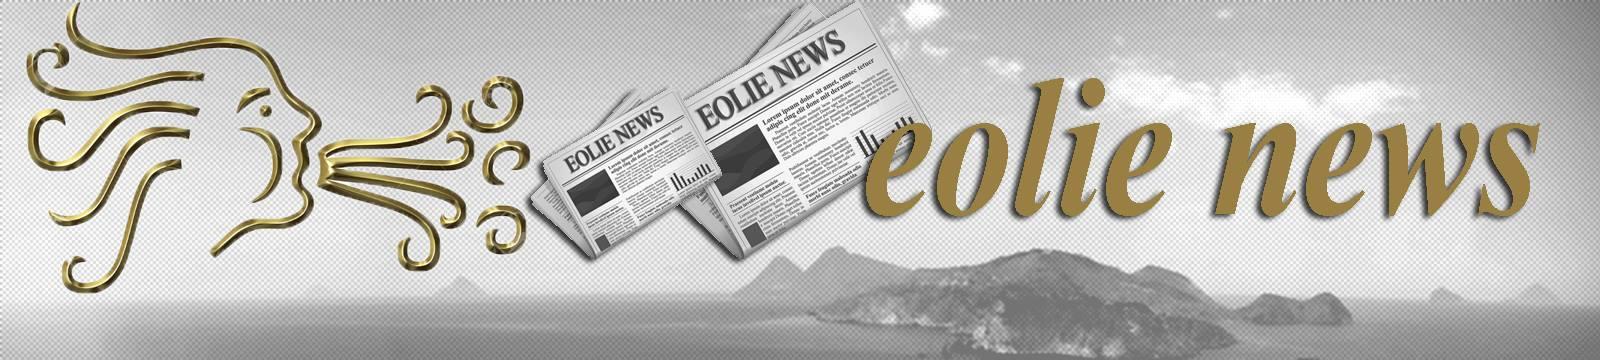 Notizie dalle Eolie a cura della redazione giornalistica